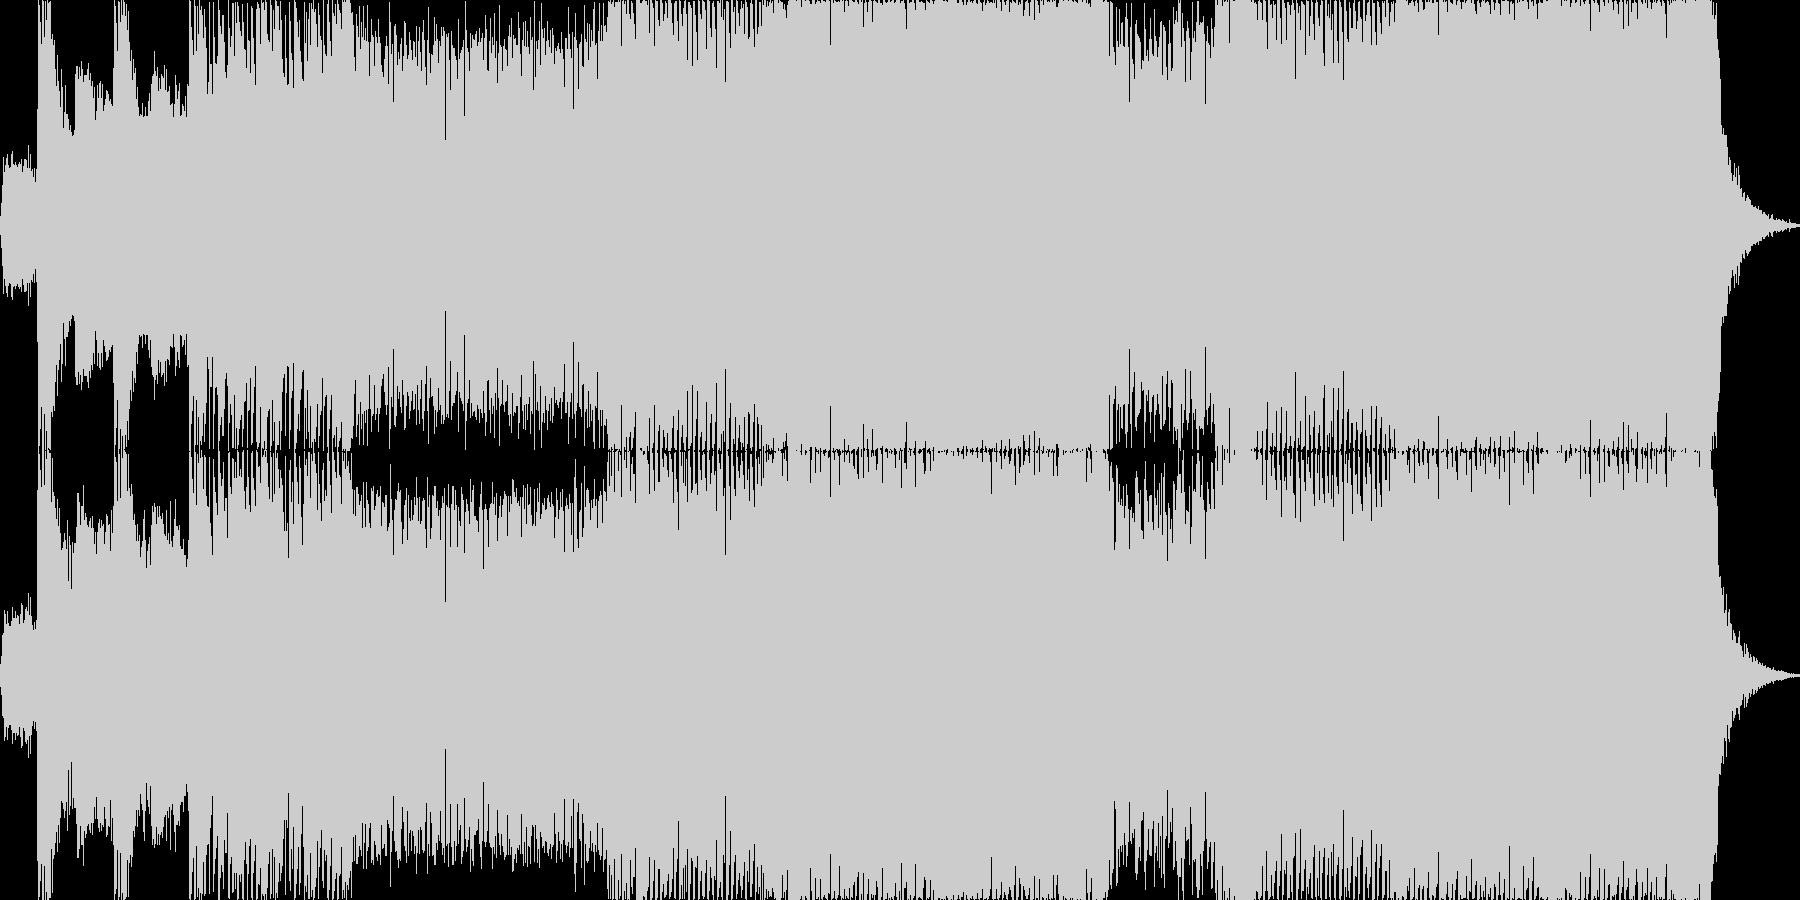 ヘヴィーで攻撃的なエレキギターの未再生の波形